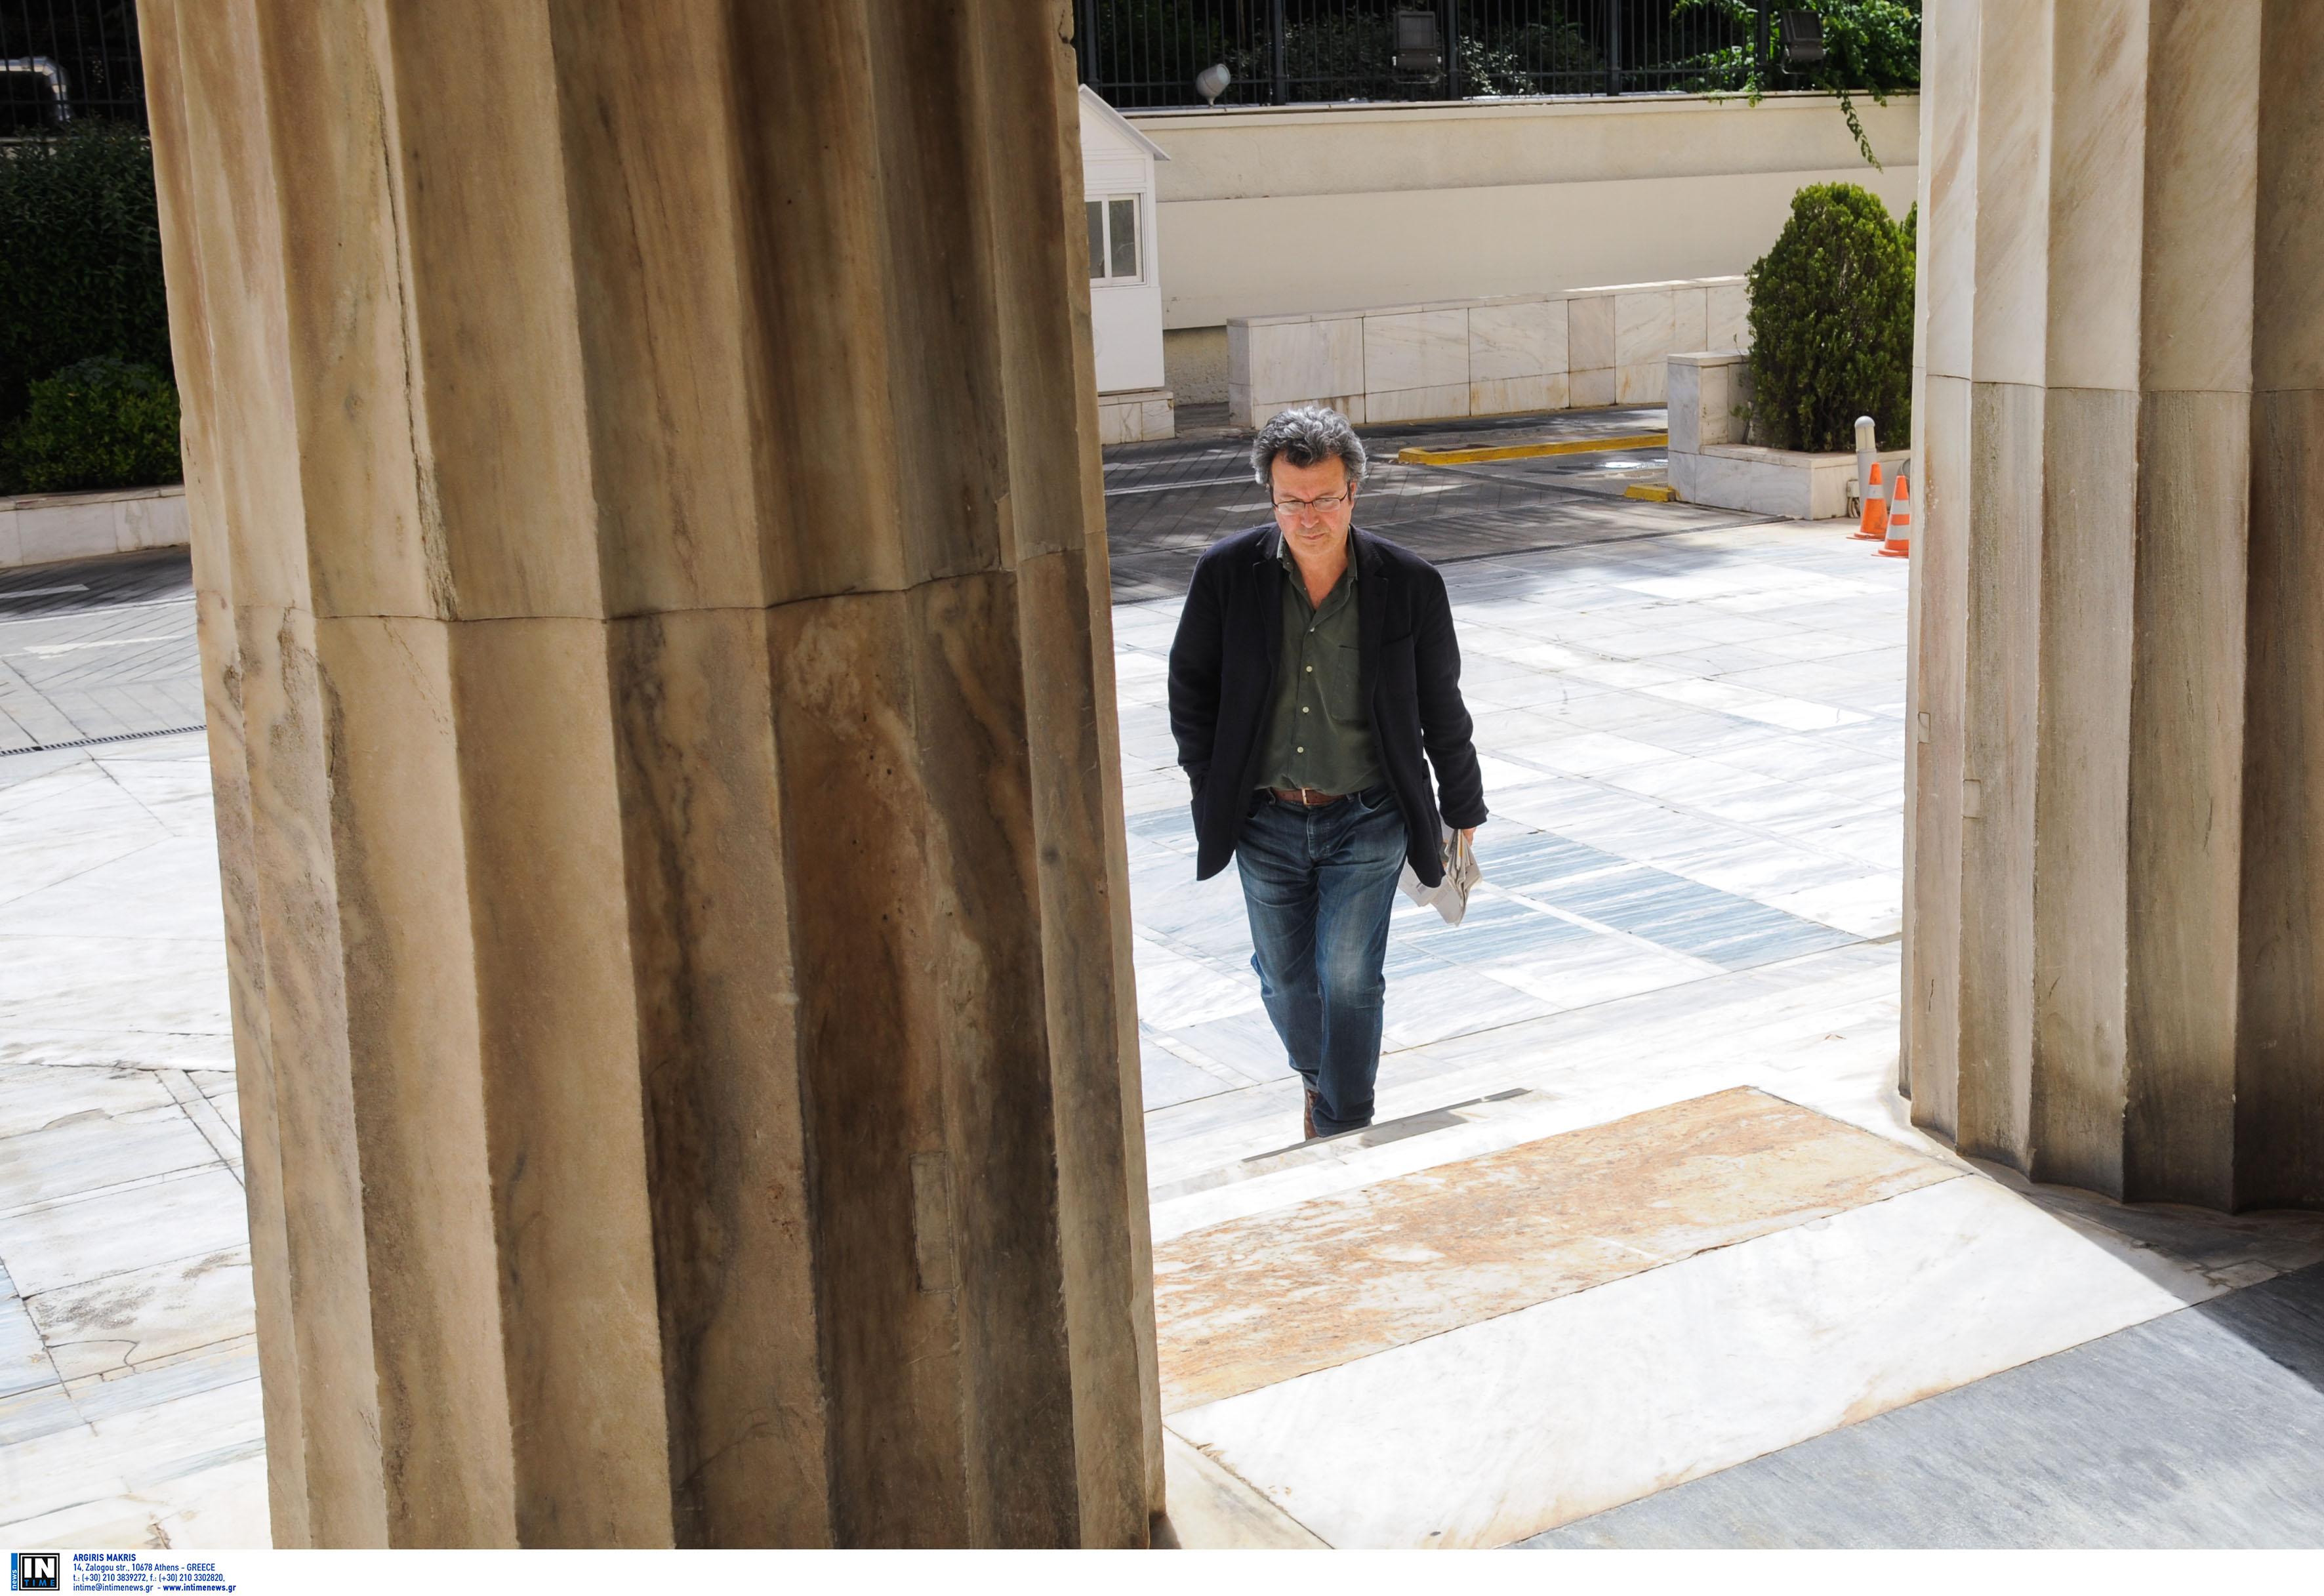 Πέτρος Τατσόπουλος: Μεταφέρθηκε στην καρδιοχειρουργική κλινική